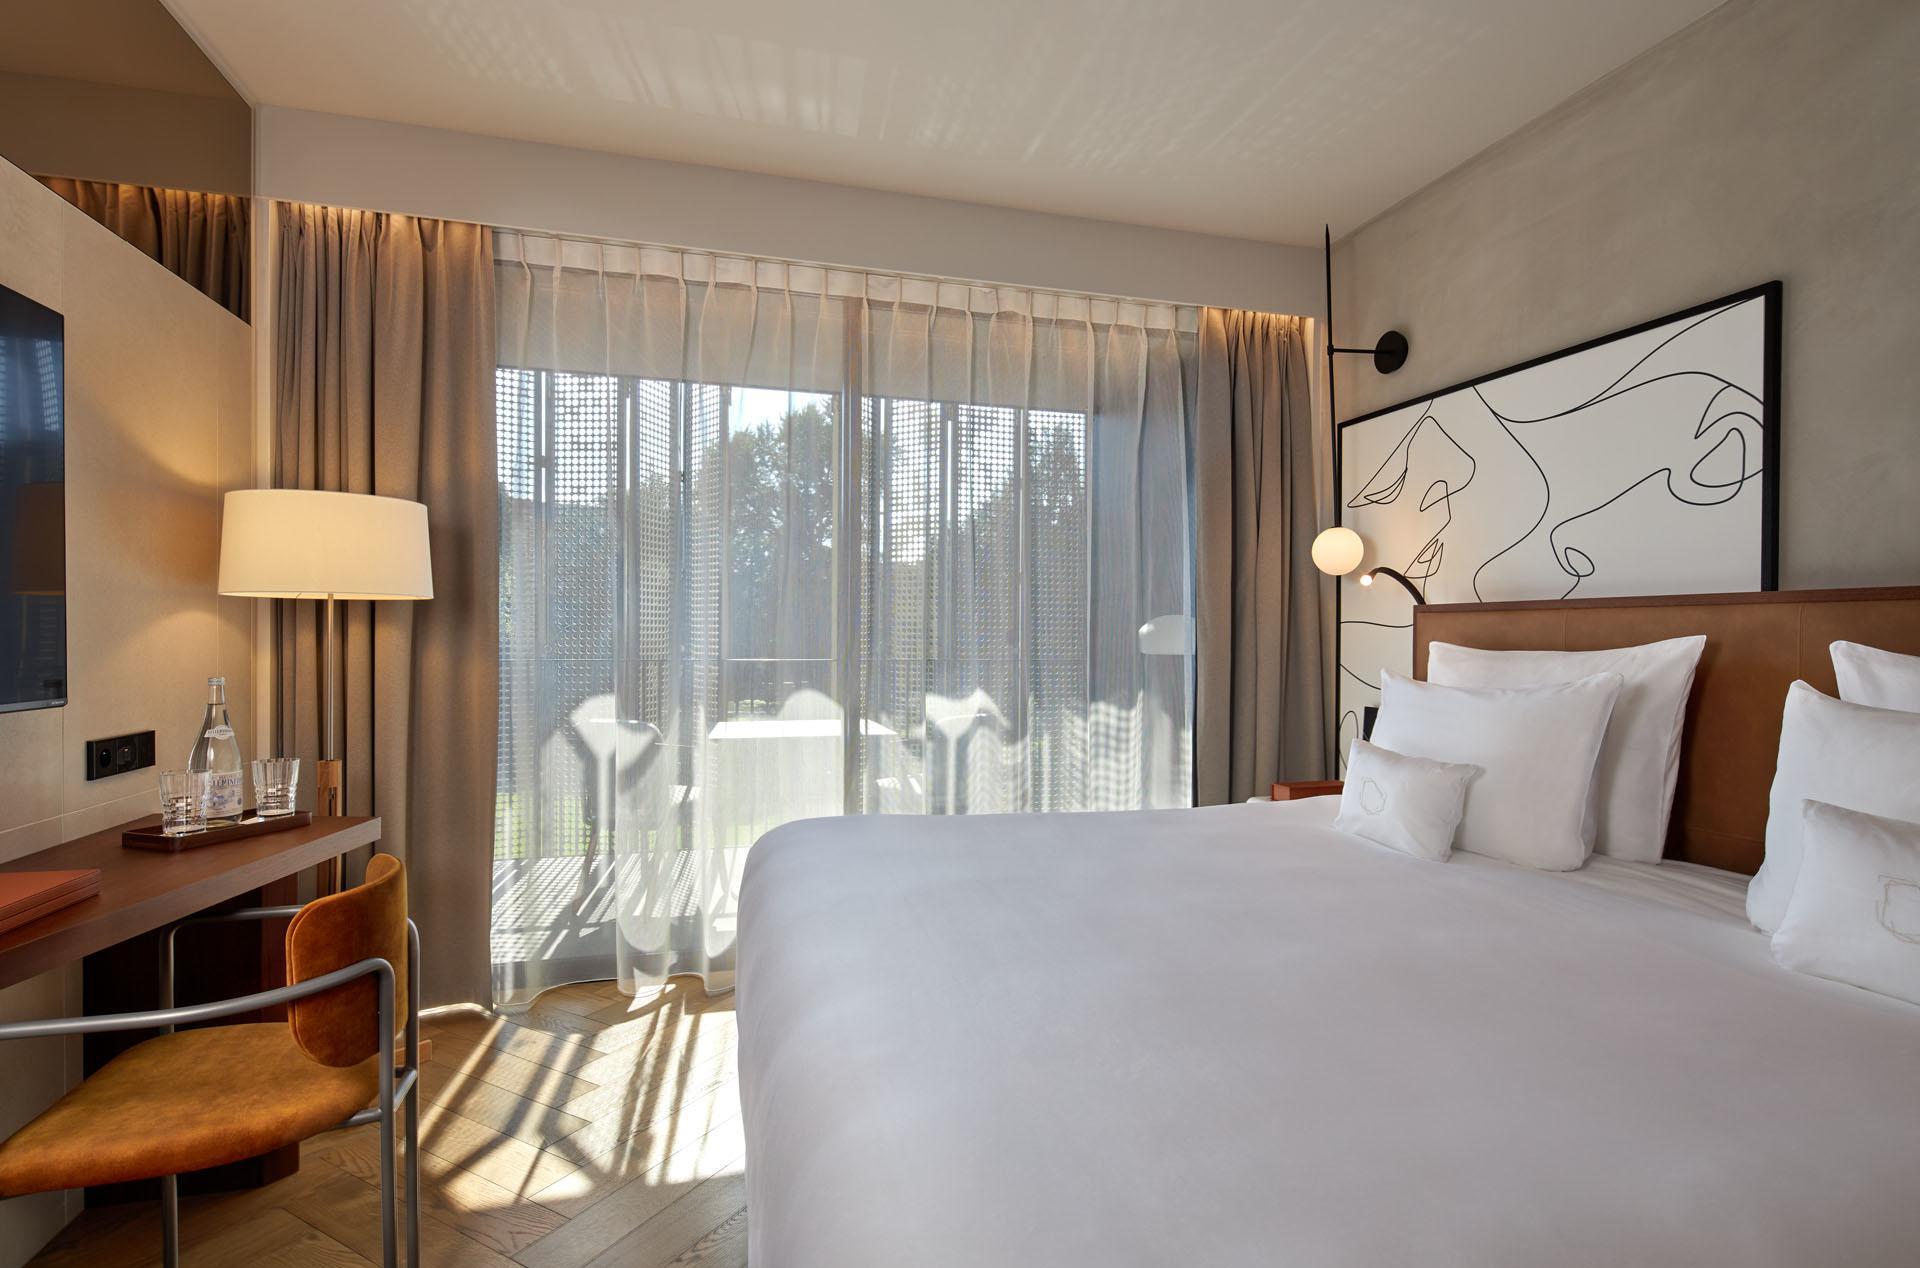 L'Esquisse Hotel & Spa Signature Room